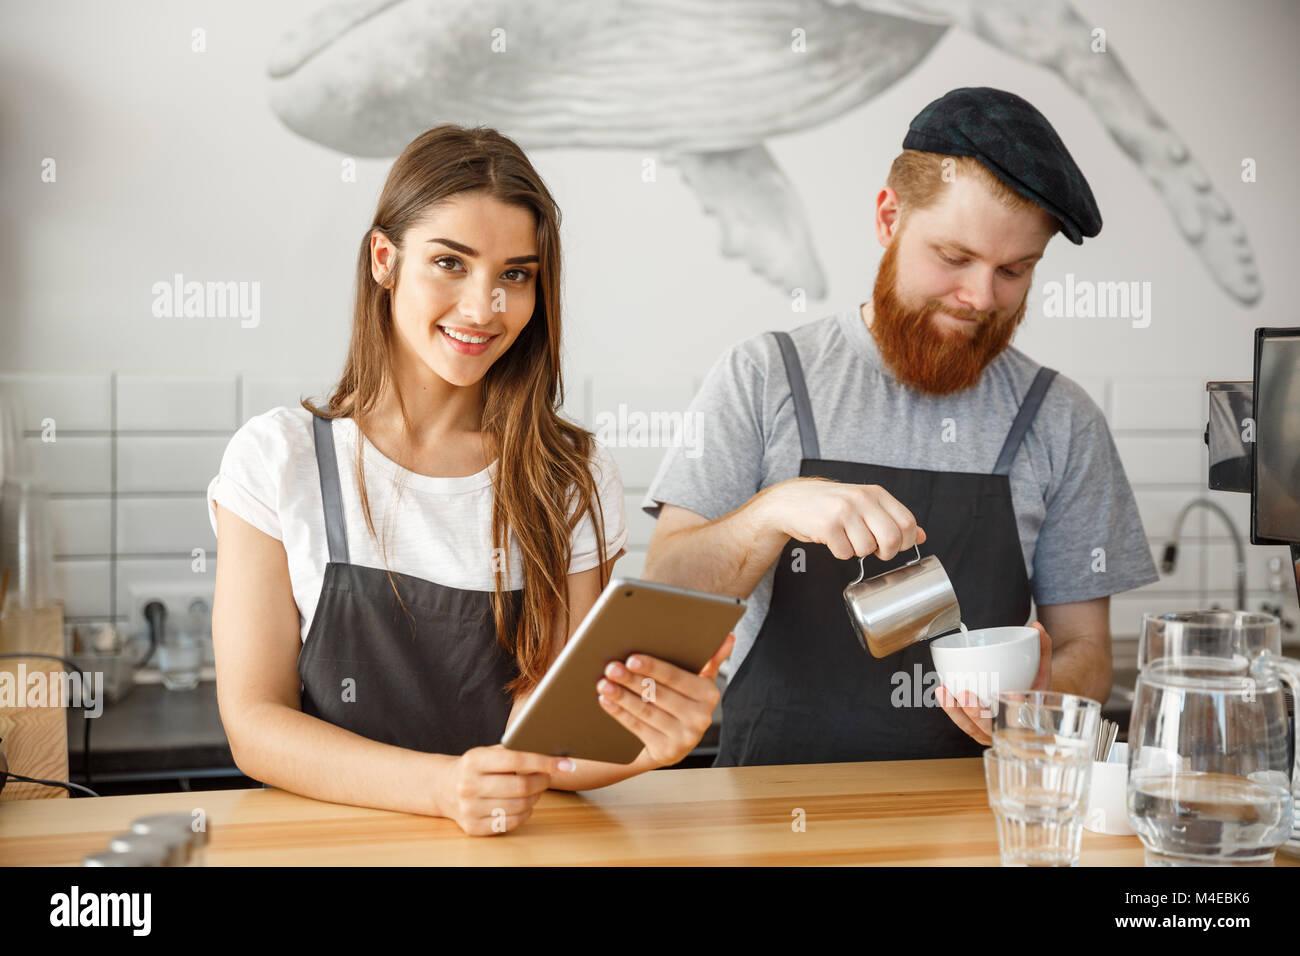 Caffè il concetto di Business - felice coppia giovane i proprietari di affari di piccola caffetteria e lavoro Immagini Stock